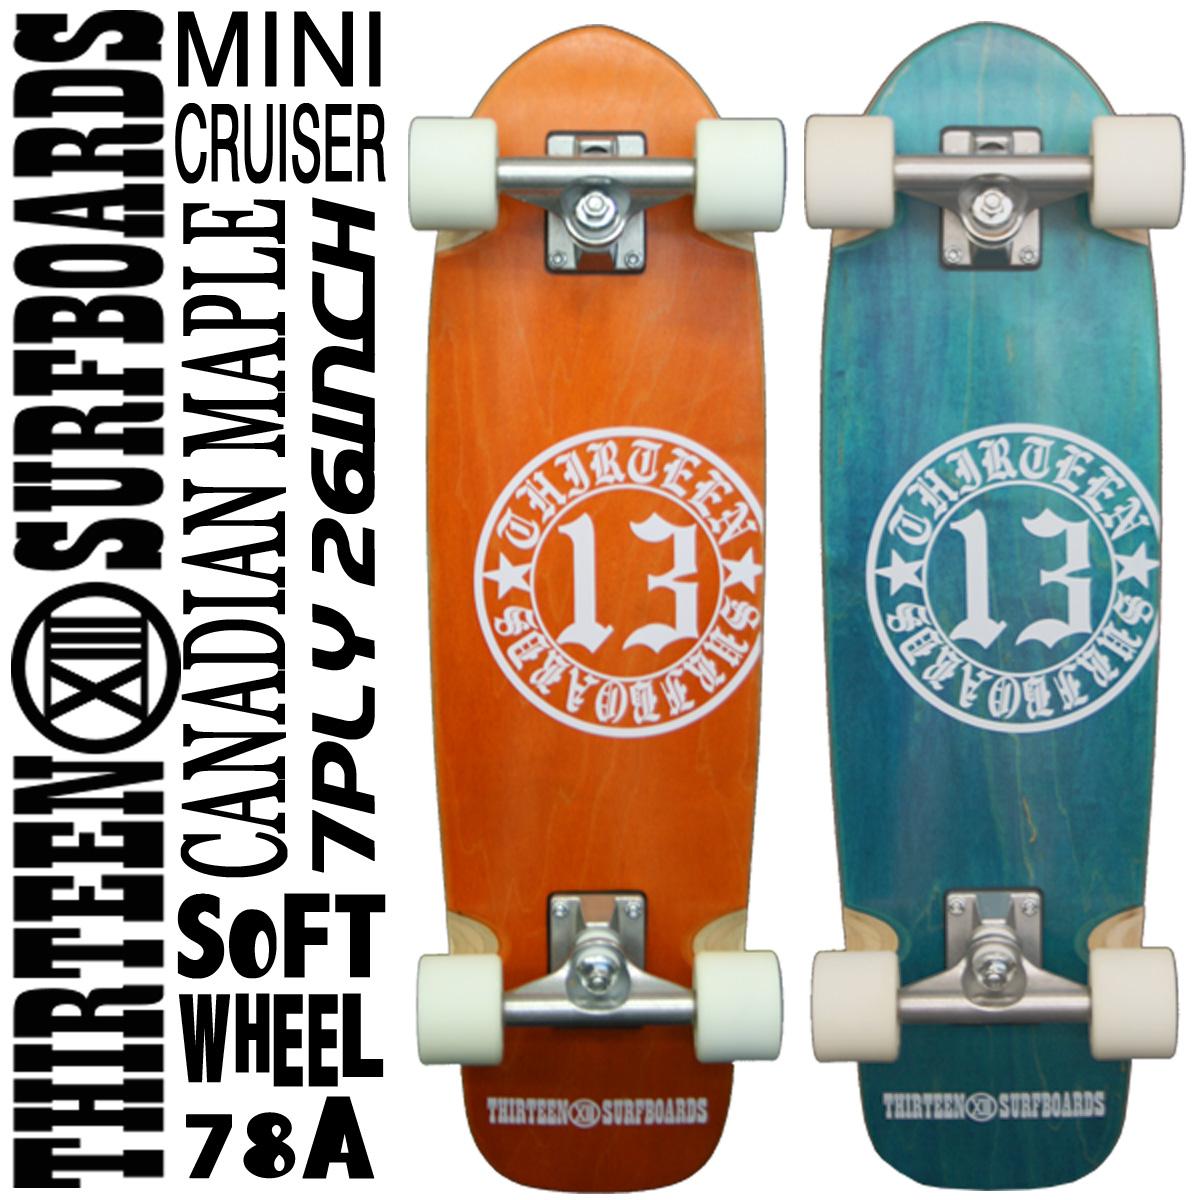 スケートボード スケボー コンプリート 26 ミニクルーザー サーフィン 13SURF 基本送料無料